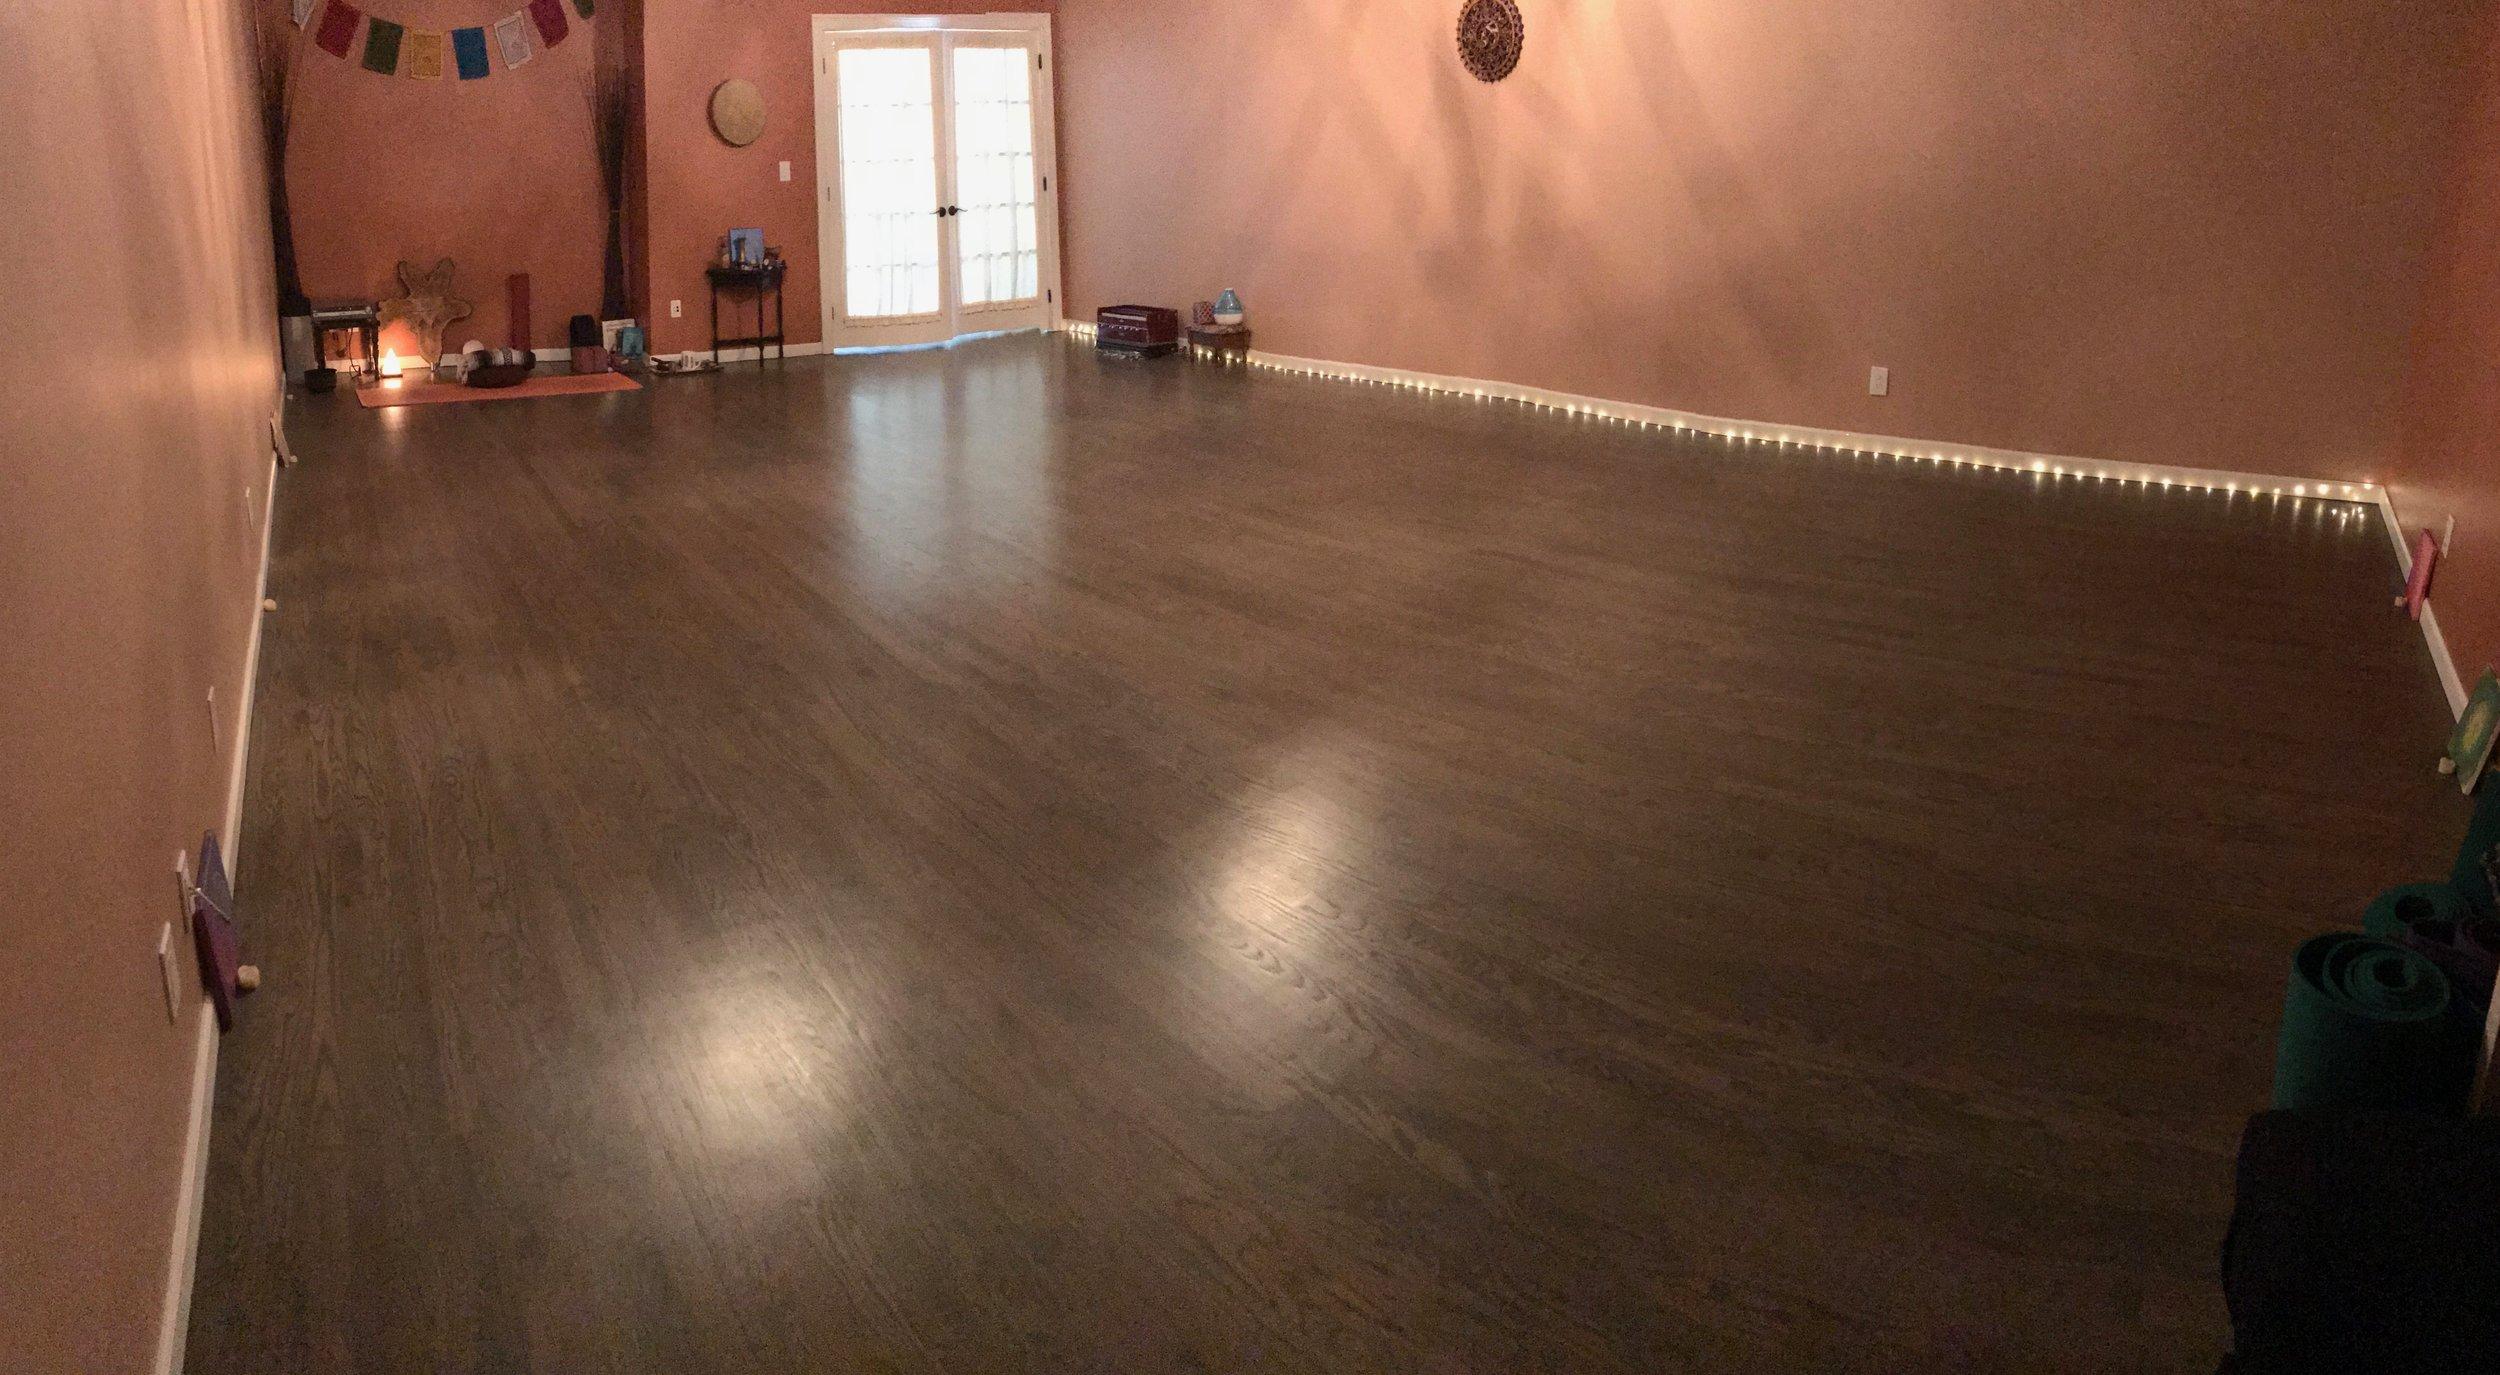 Yoga Practice Space 19x29